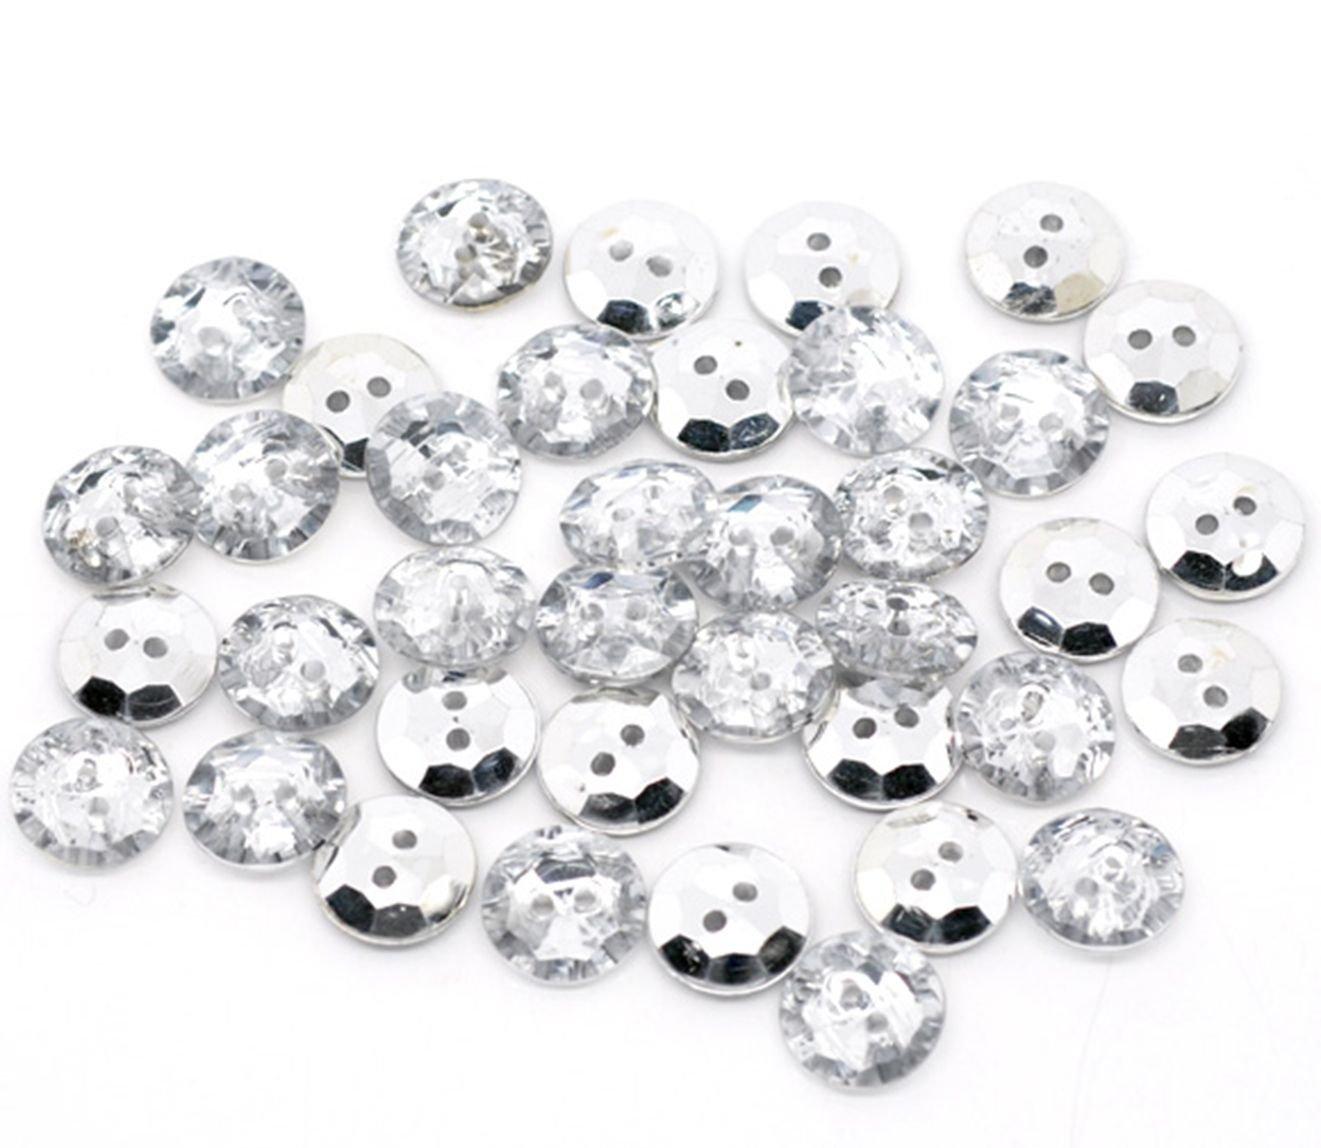 25 verre effet cristal en plastique 15 mm Bouton Rond Couture pour ornements bijoux et v/êtements Bling artisanat